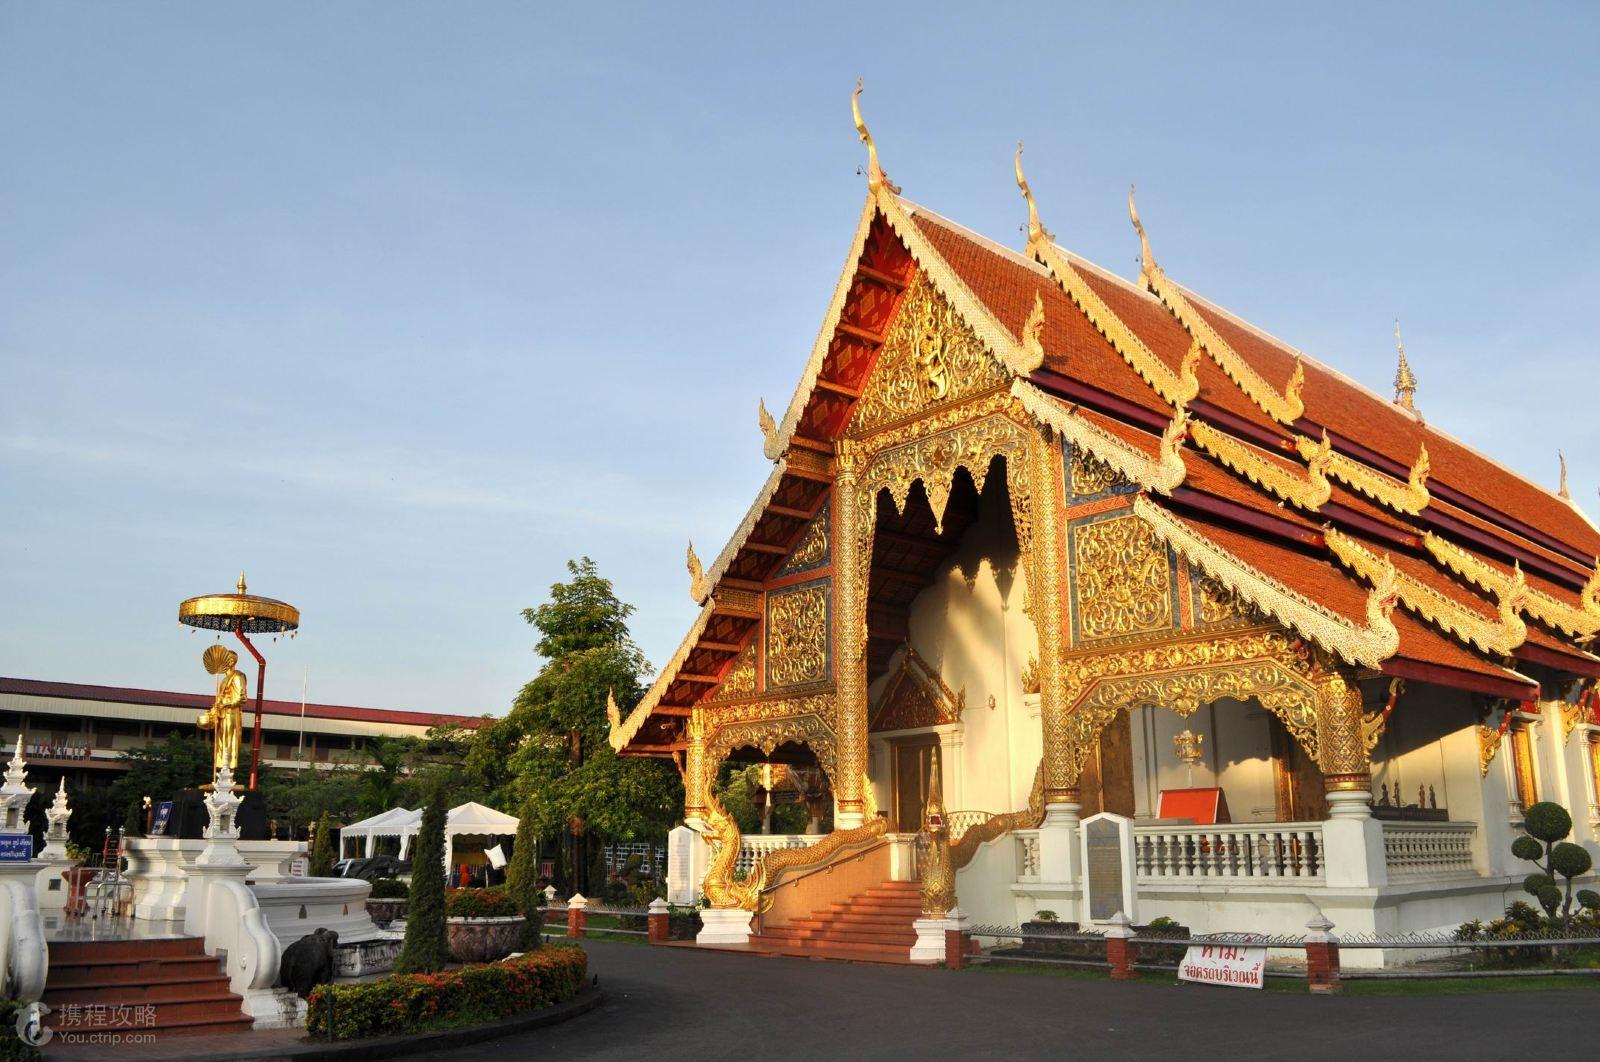 泰国清迈5日4晚跟团游·大象训练营+双龙寺+长颈族